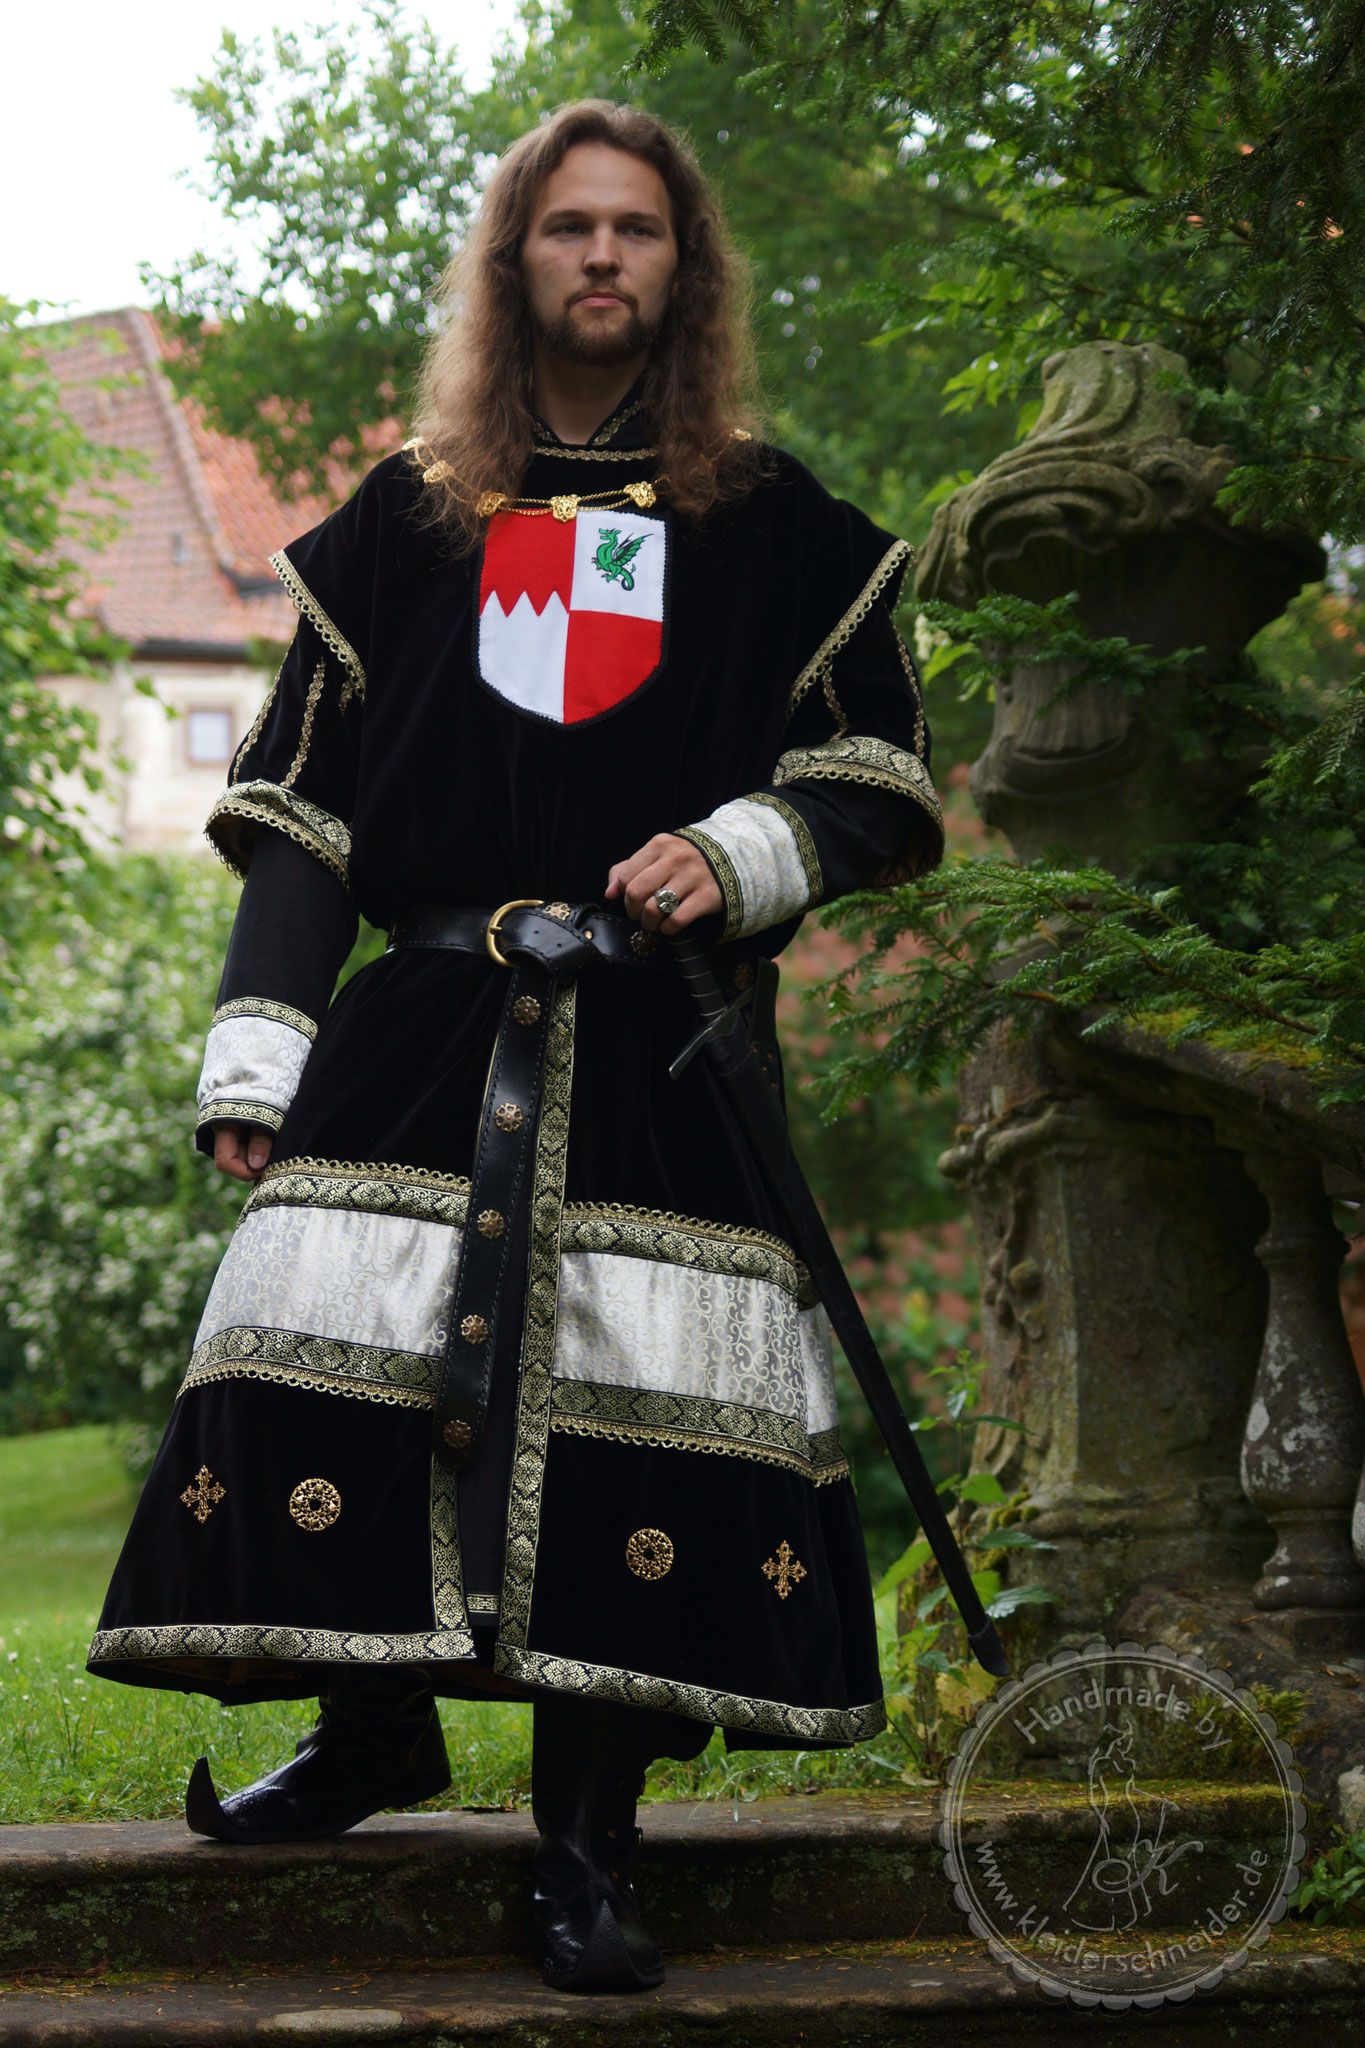 mittelalterliches Prunkgewand, Wappenrock, Waffenrock Maßanfertigung auf Wunsch www.kleiderschneider.de